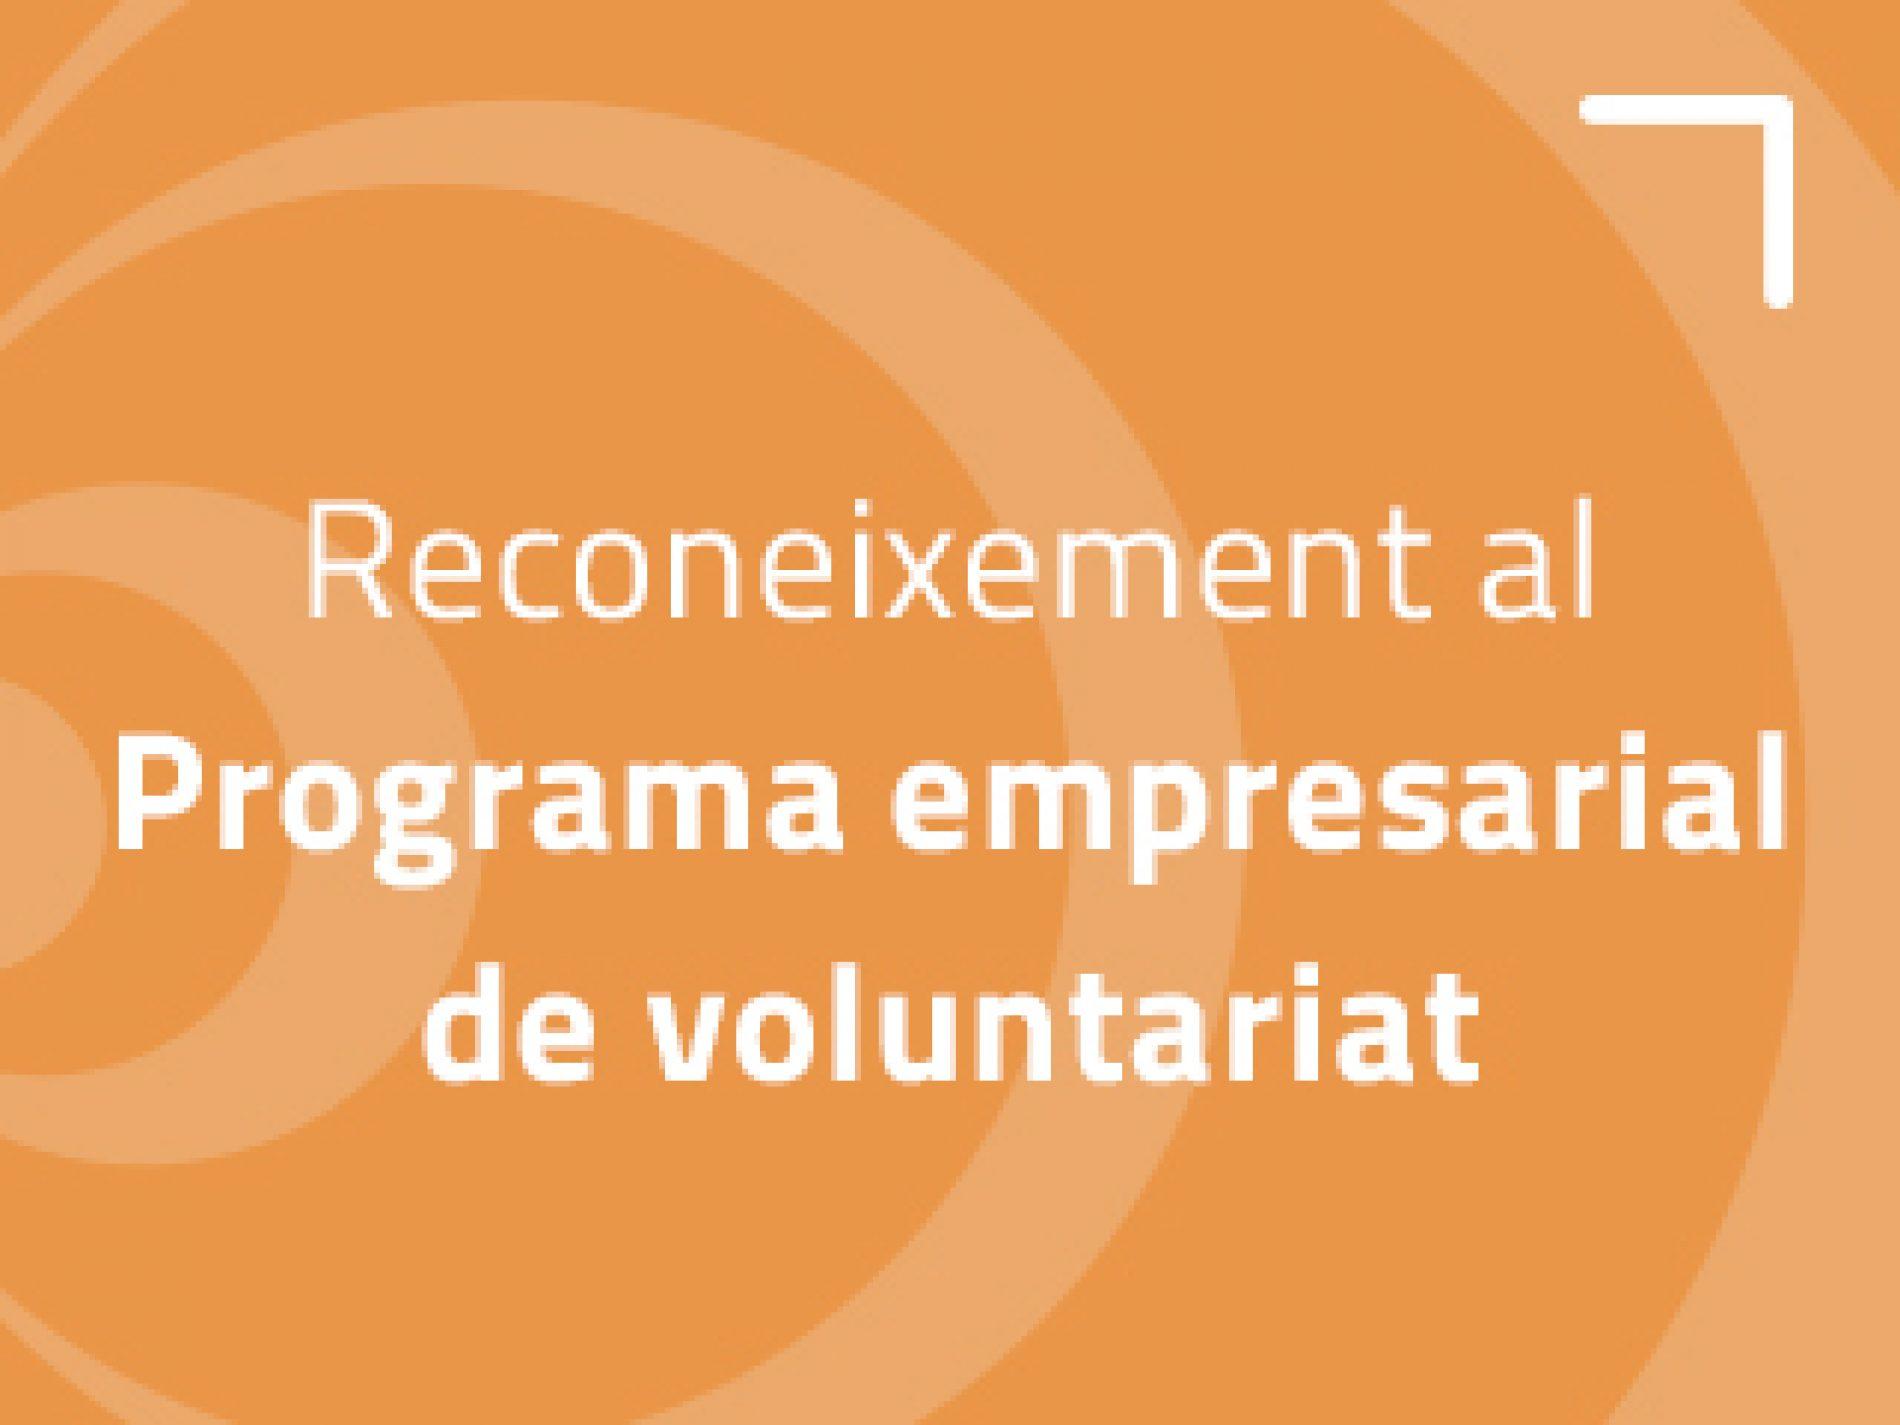 5 de desembre: Dia internacional del voluntariat. Bones pràctiques en voluntariat d'empresa